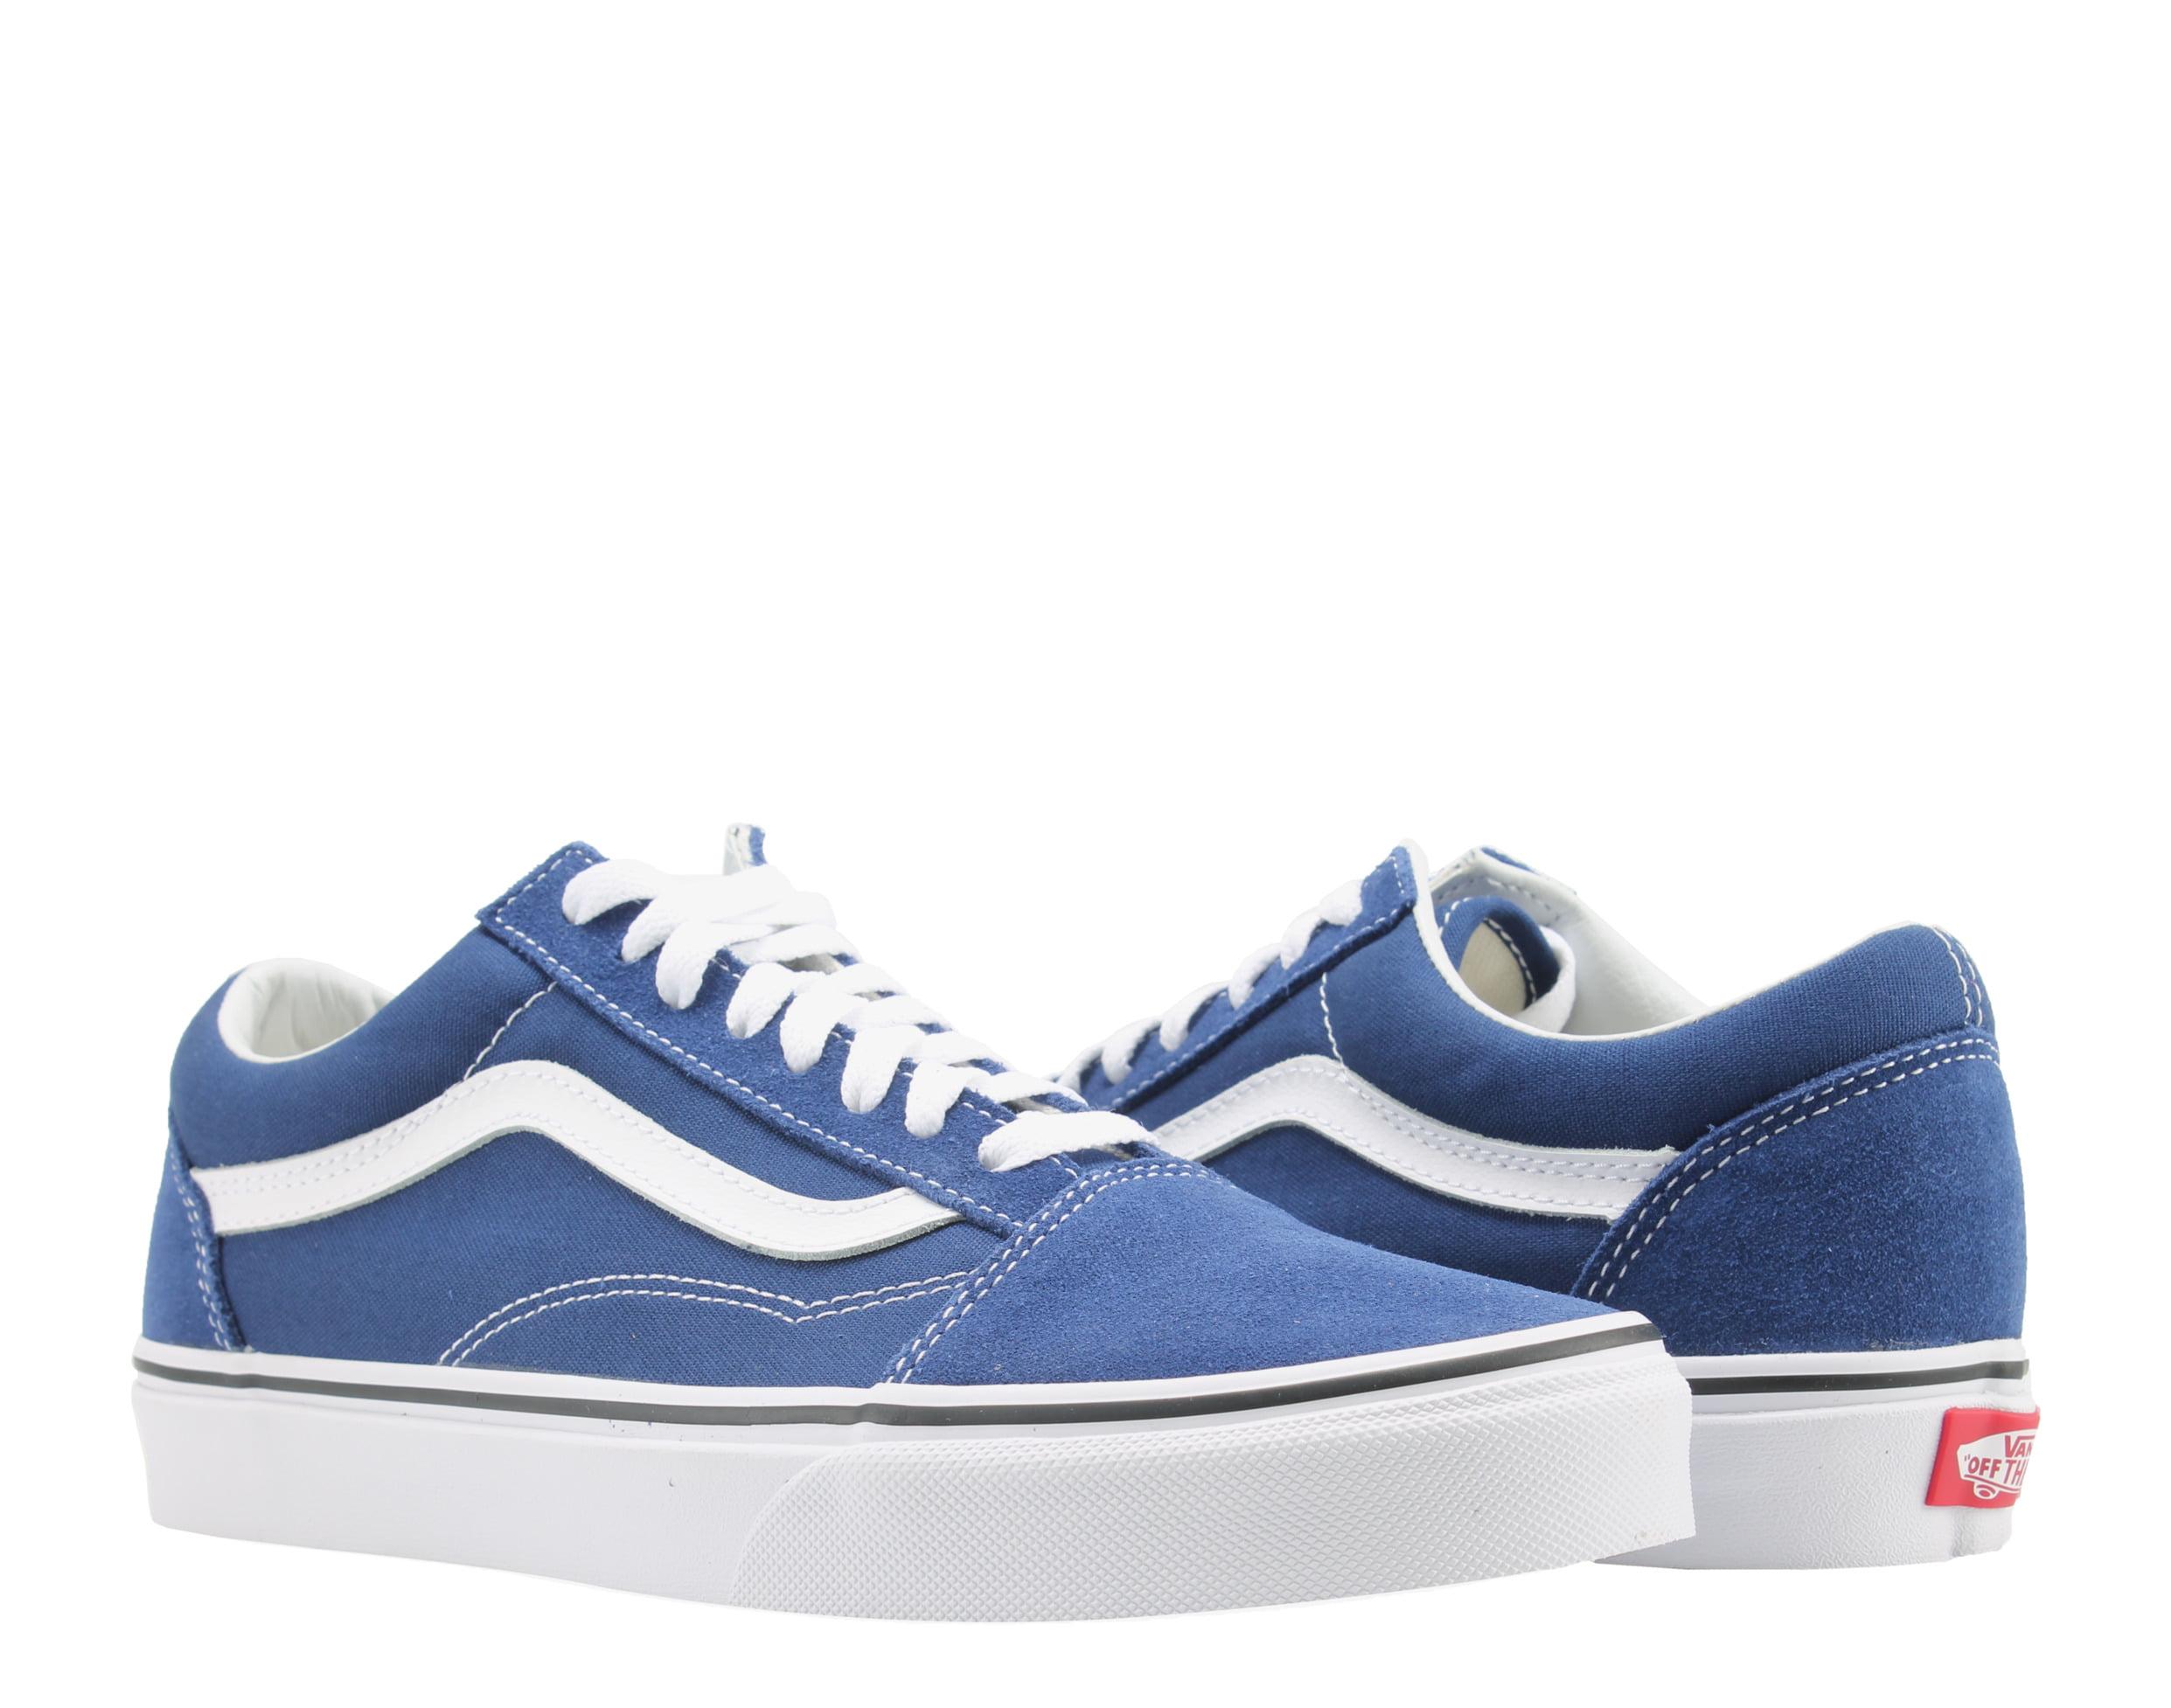 Vans - Vans Old Skool Estate Blue/White